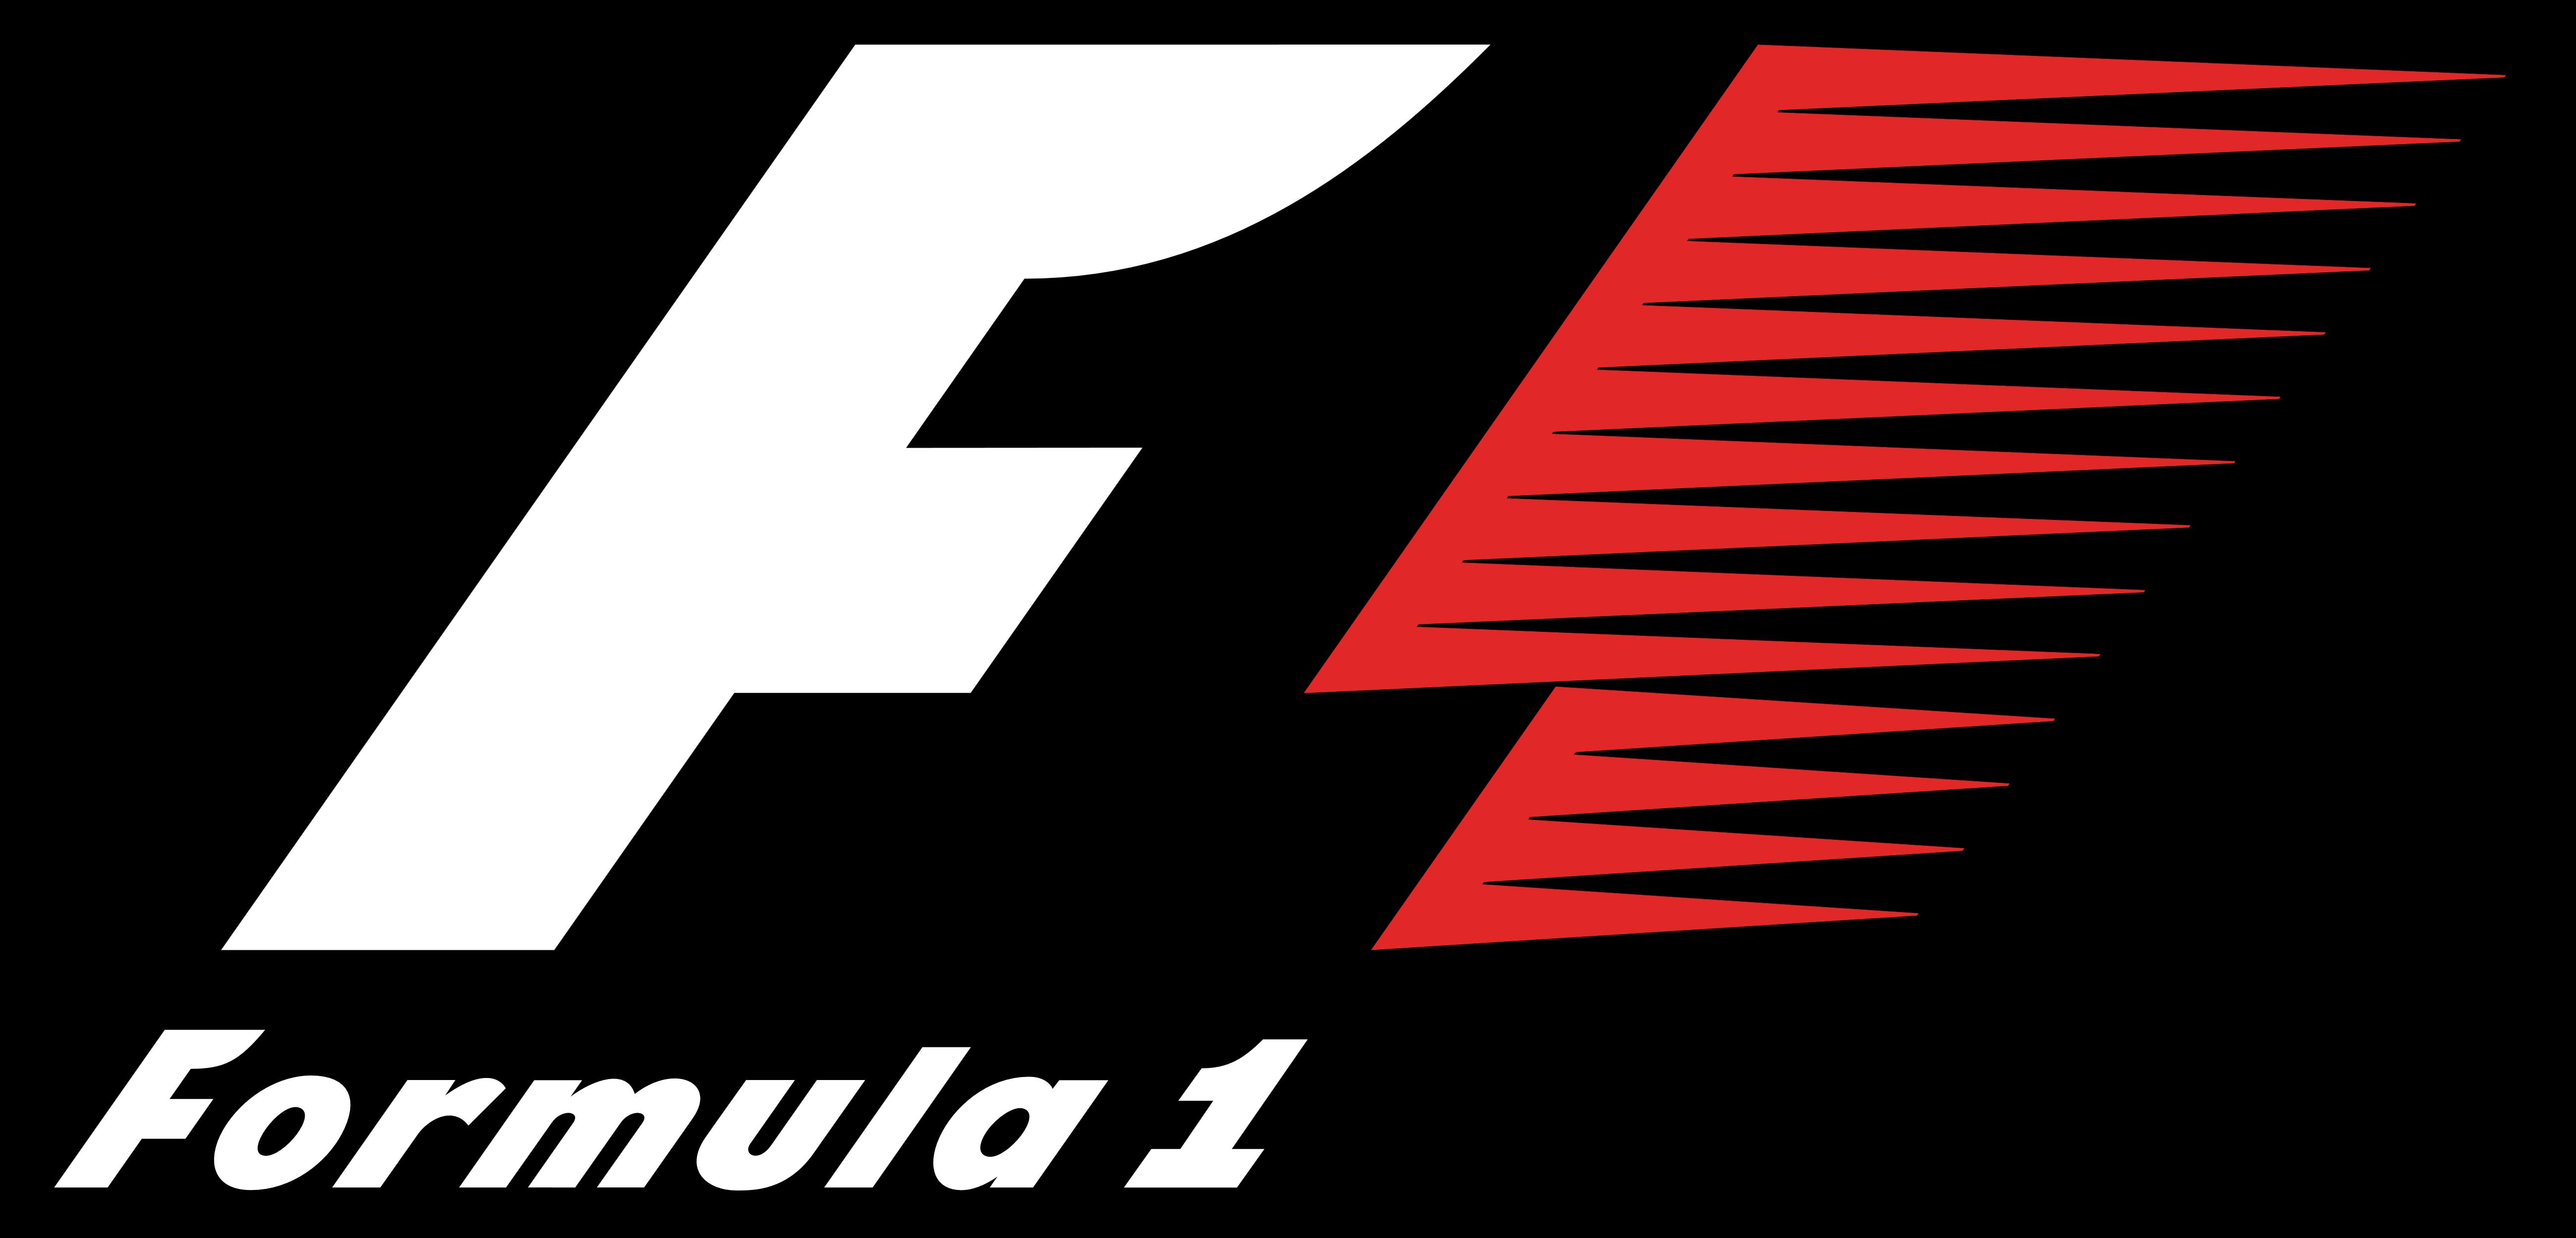 Formula 1 Black Background Logo Wallpaper